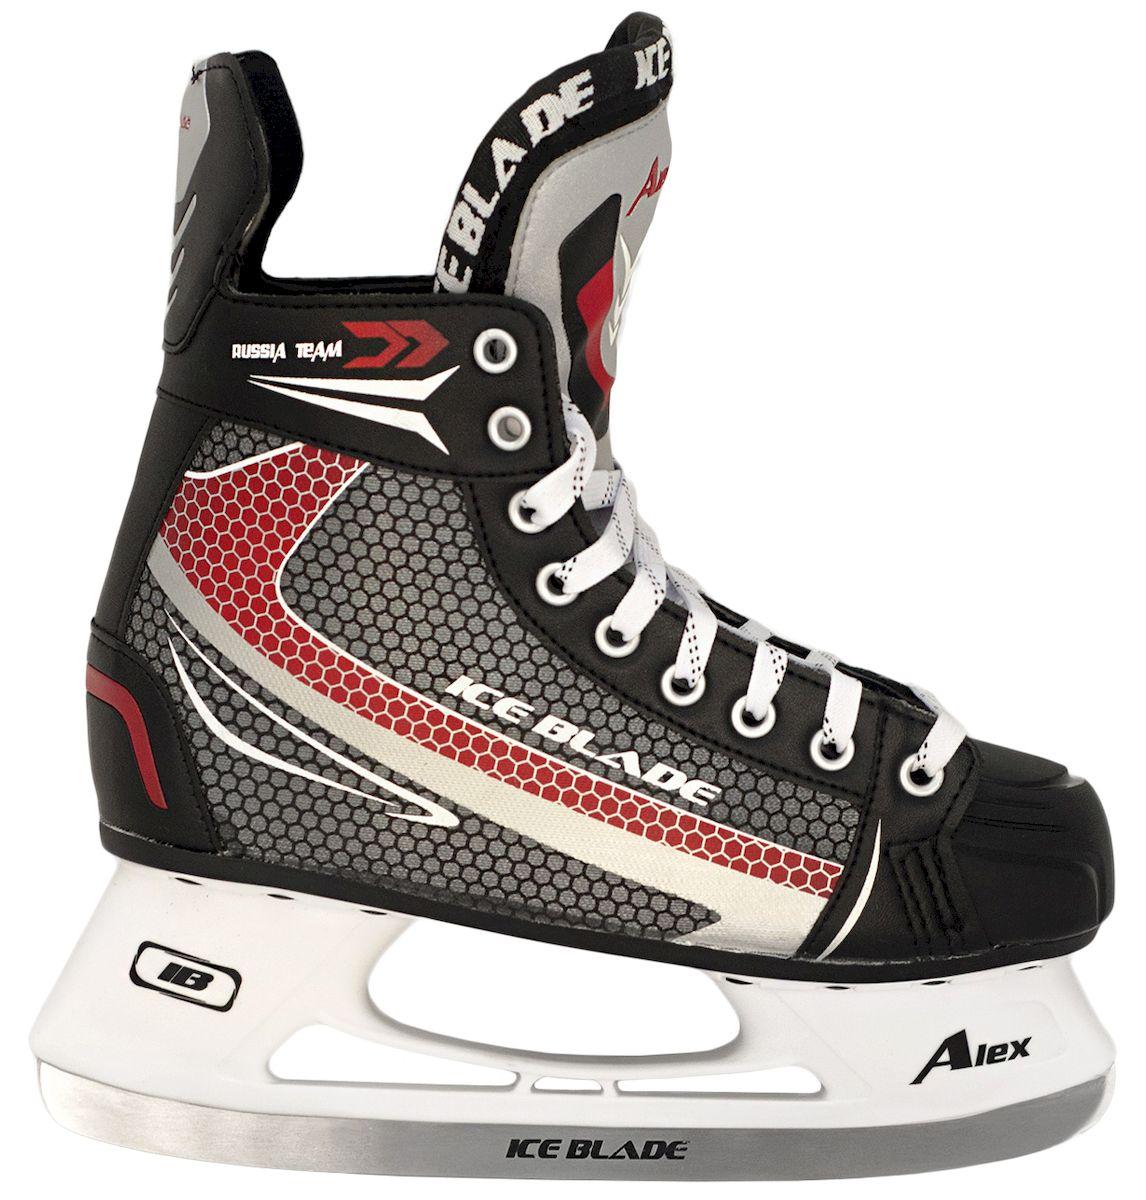 Коньки хоккейные Ice Blade Alex New, цвет: черный, красный, серый. УТ-00006868. Размер 40